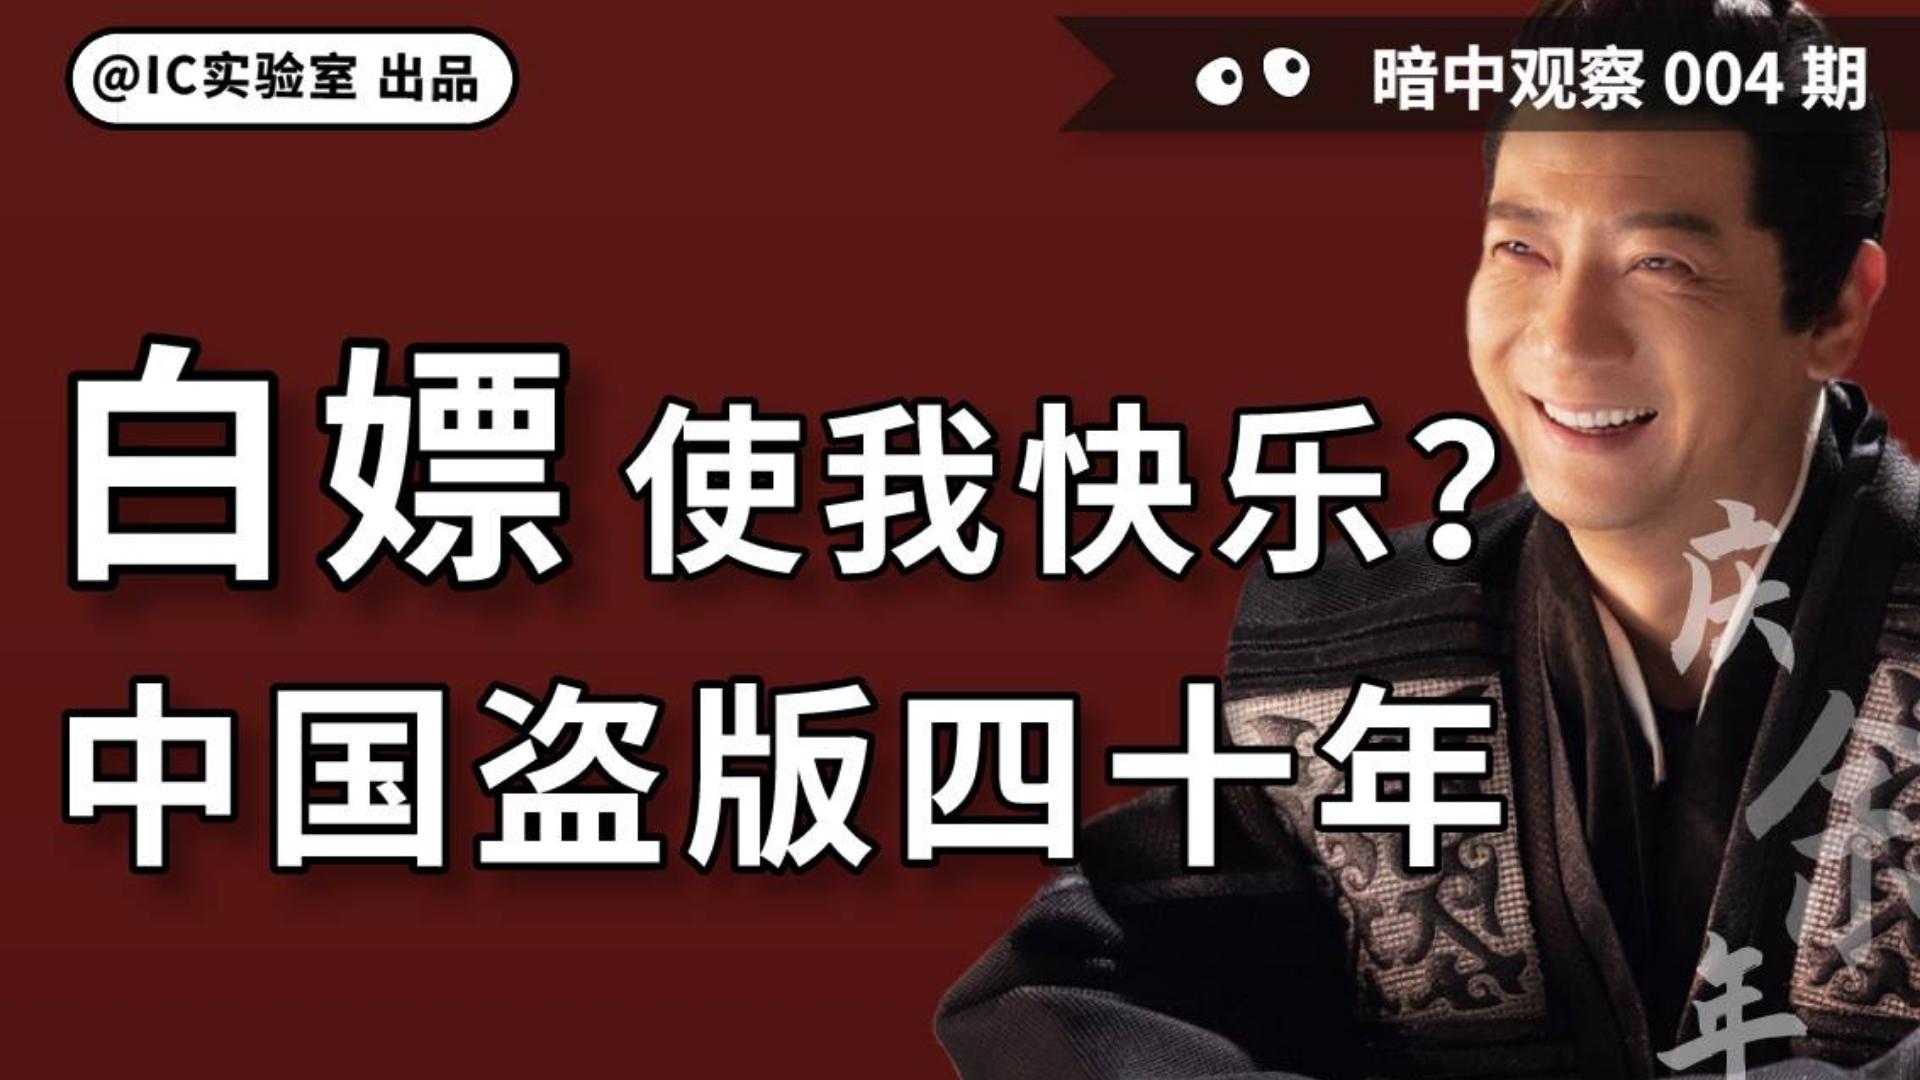 【暗中观察04】庆余年背后的中国盗版简史:对抗盗版四十年,一夜回到解放前-IC实验室出品